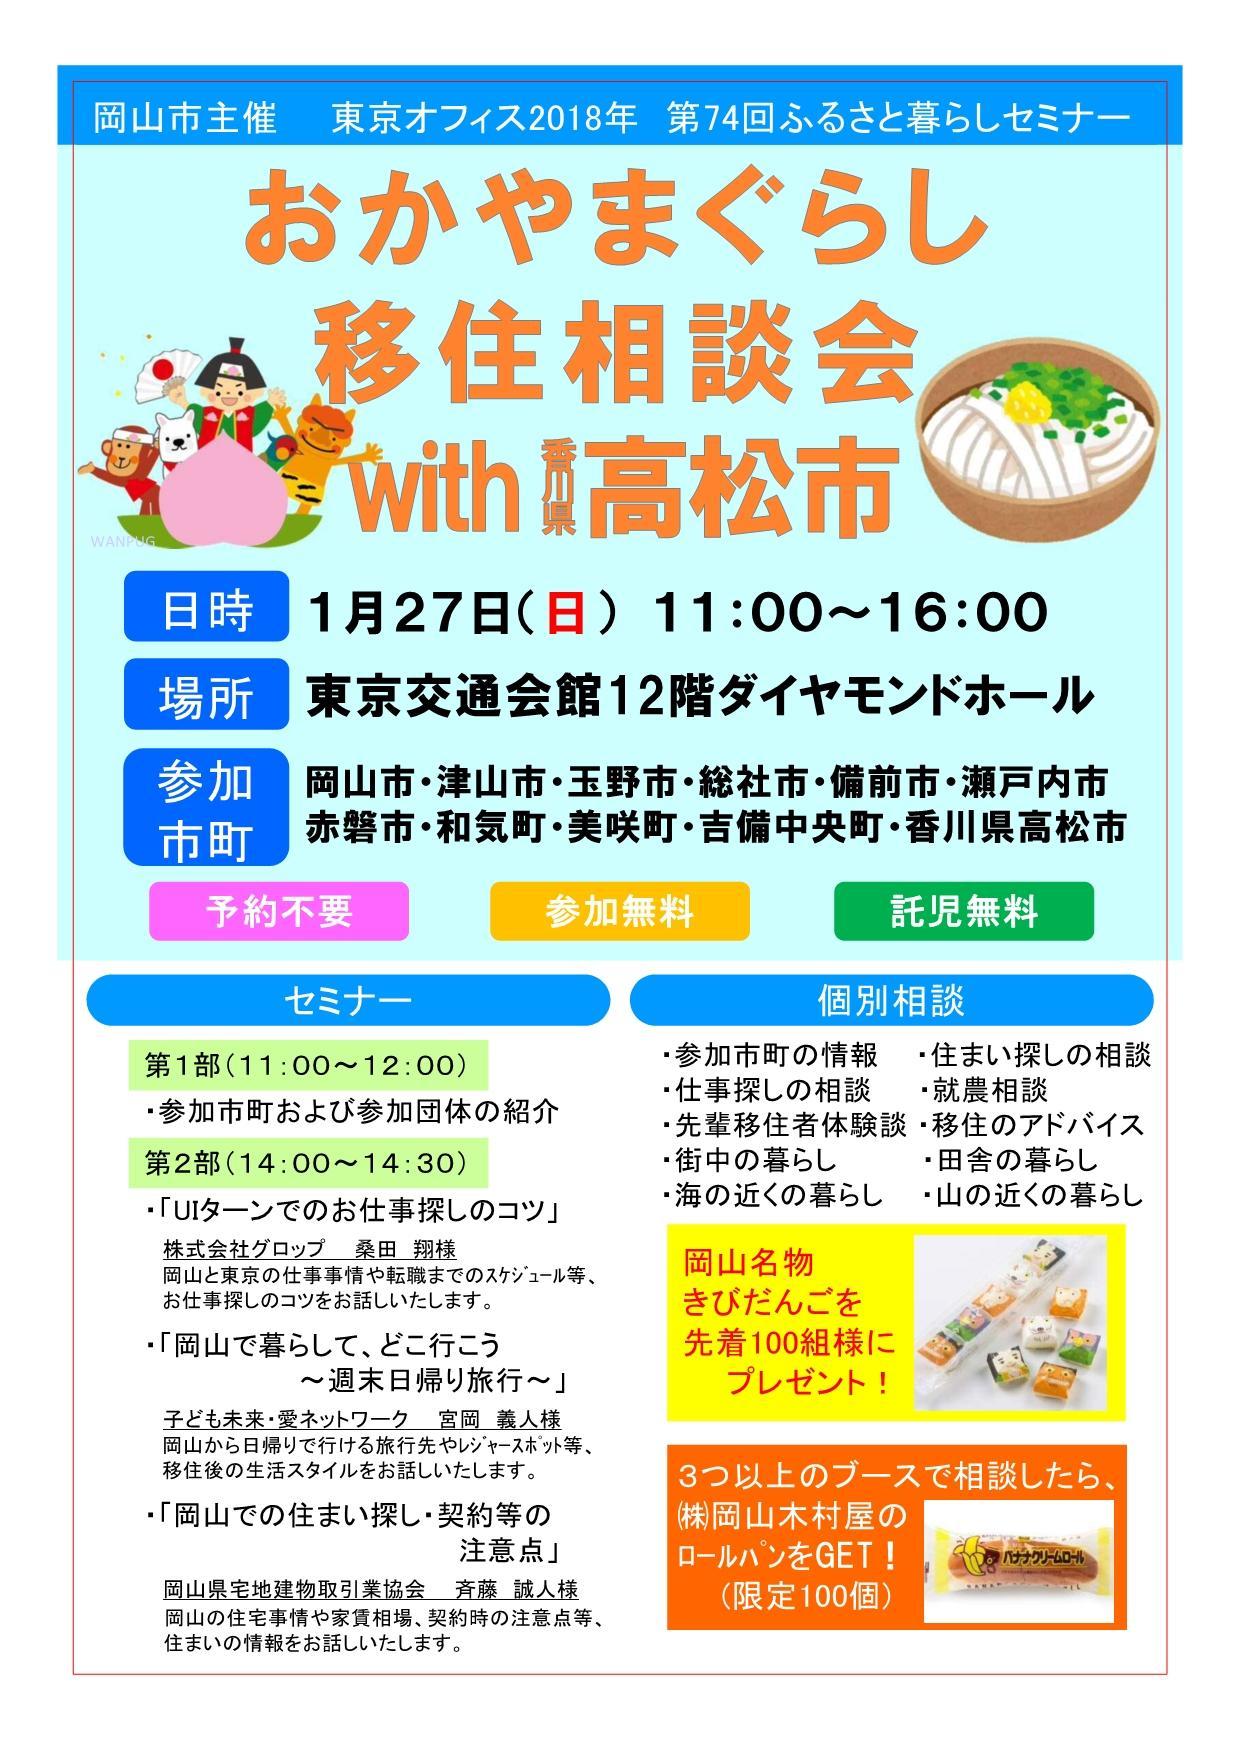 2019年1月27日(日)開催 おかやまぐらし移住相談会with高松市 に津山市も参加します